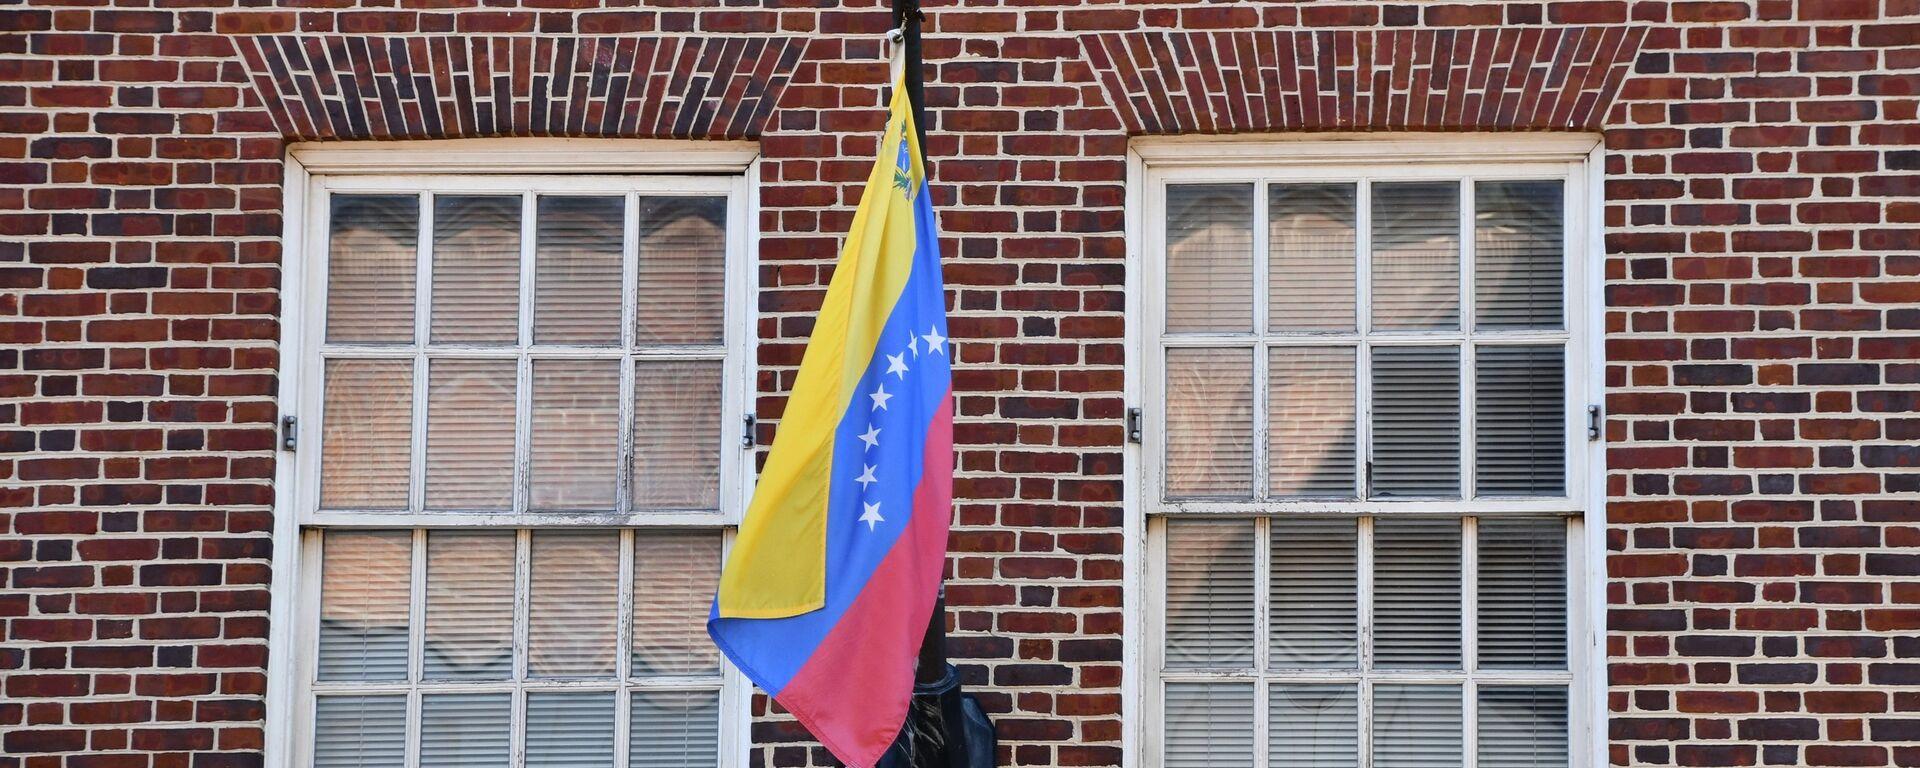 La bandera de Venezuela - Sputnik Mundo, 1920, 10.06.2021